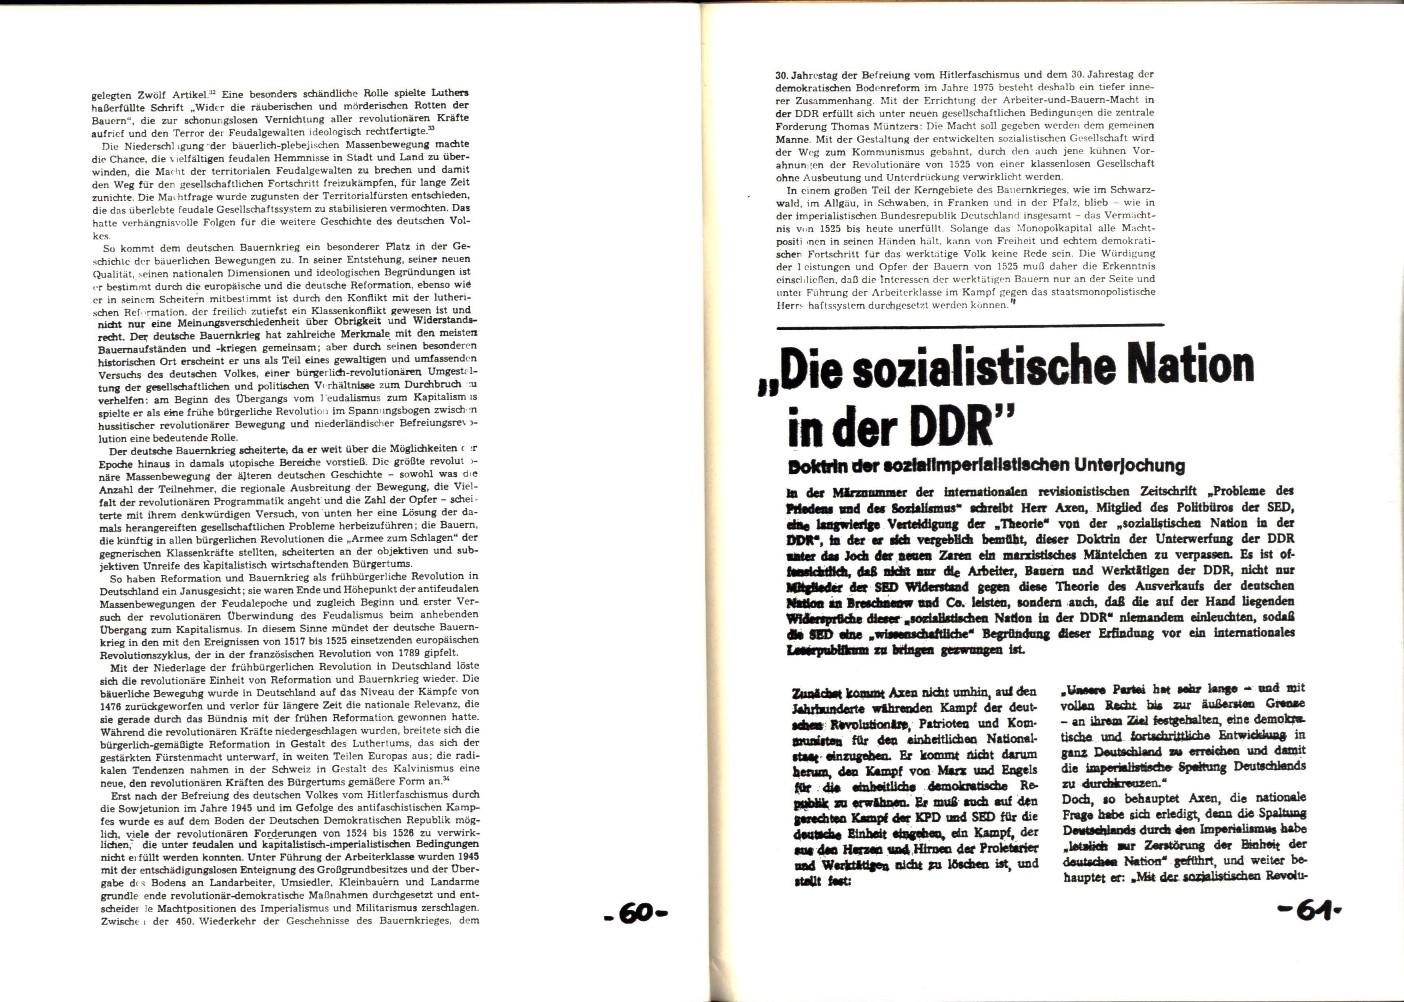 Berlin_KSV_1976_Wochenendseminare_Geschichte_01_32